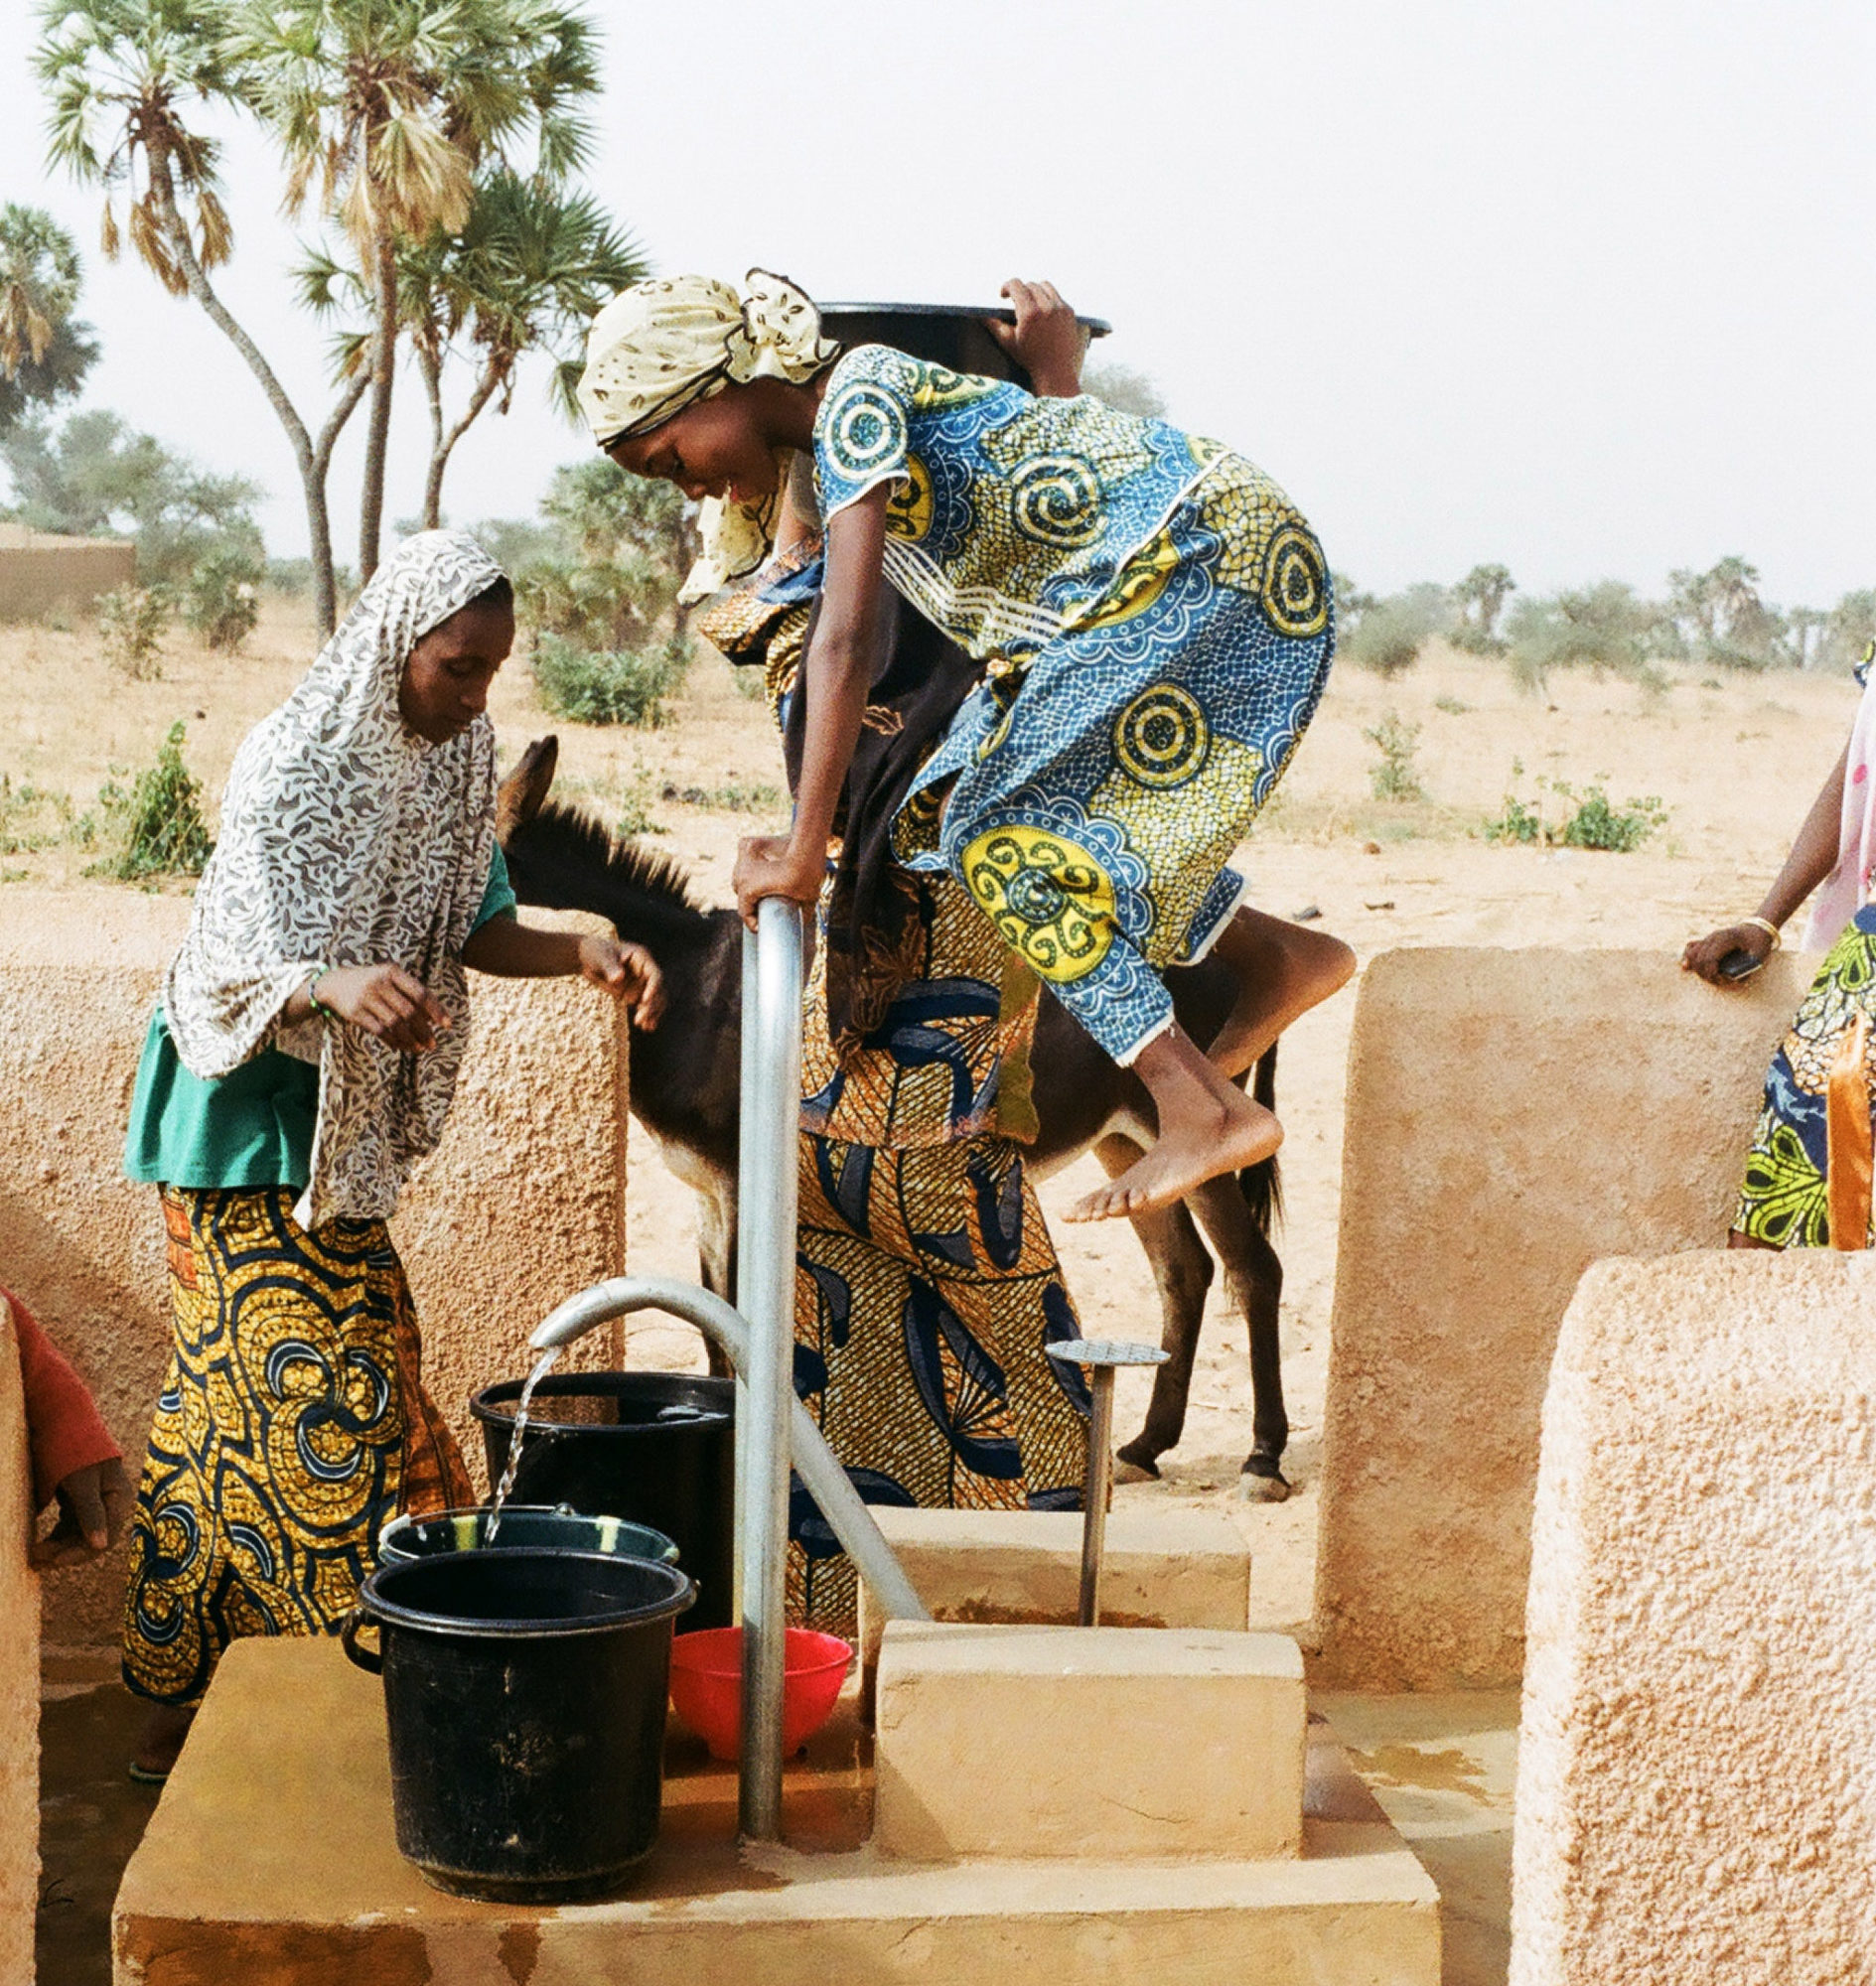 Concello de Muras | Carreira da auga por Níxer |